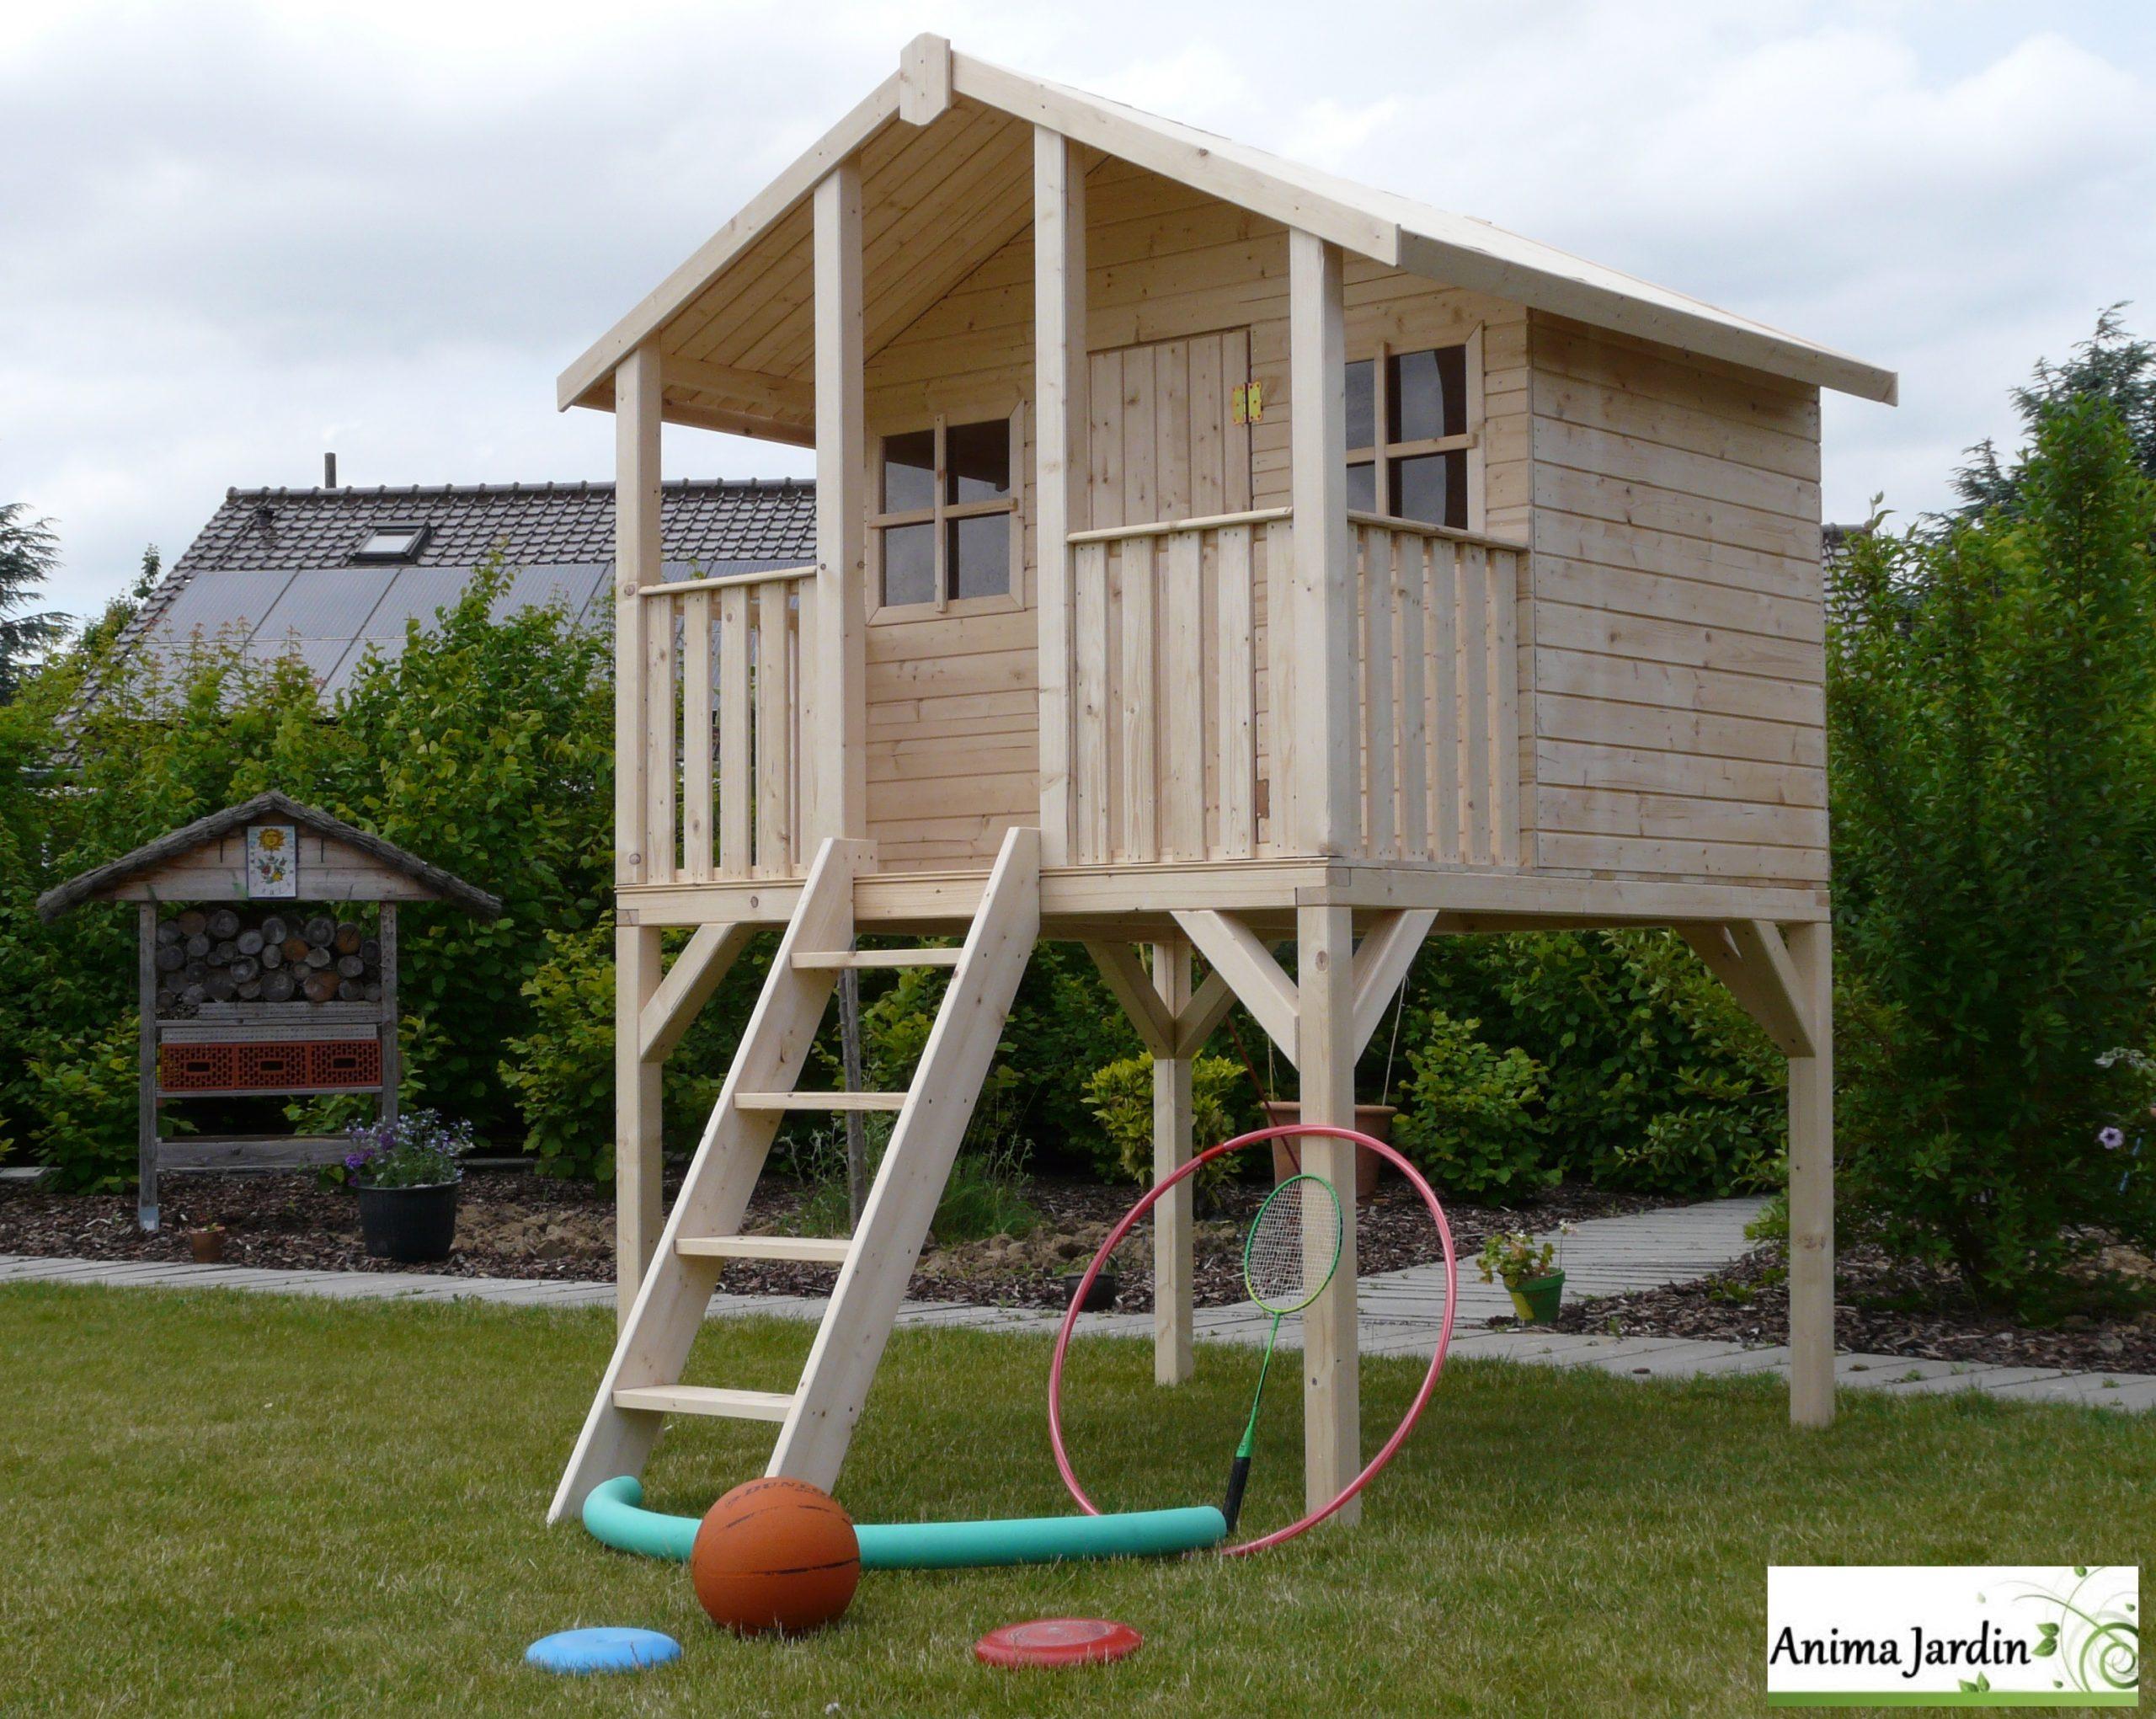 Cabane En Bois Surélevée Sur Pilotis, 3M², Toit Deux Pentes ... avec Cabane De Jardin Enfant Pas Cher